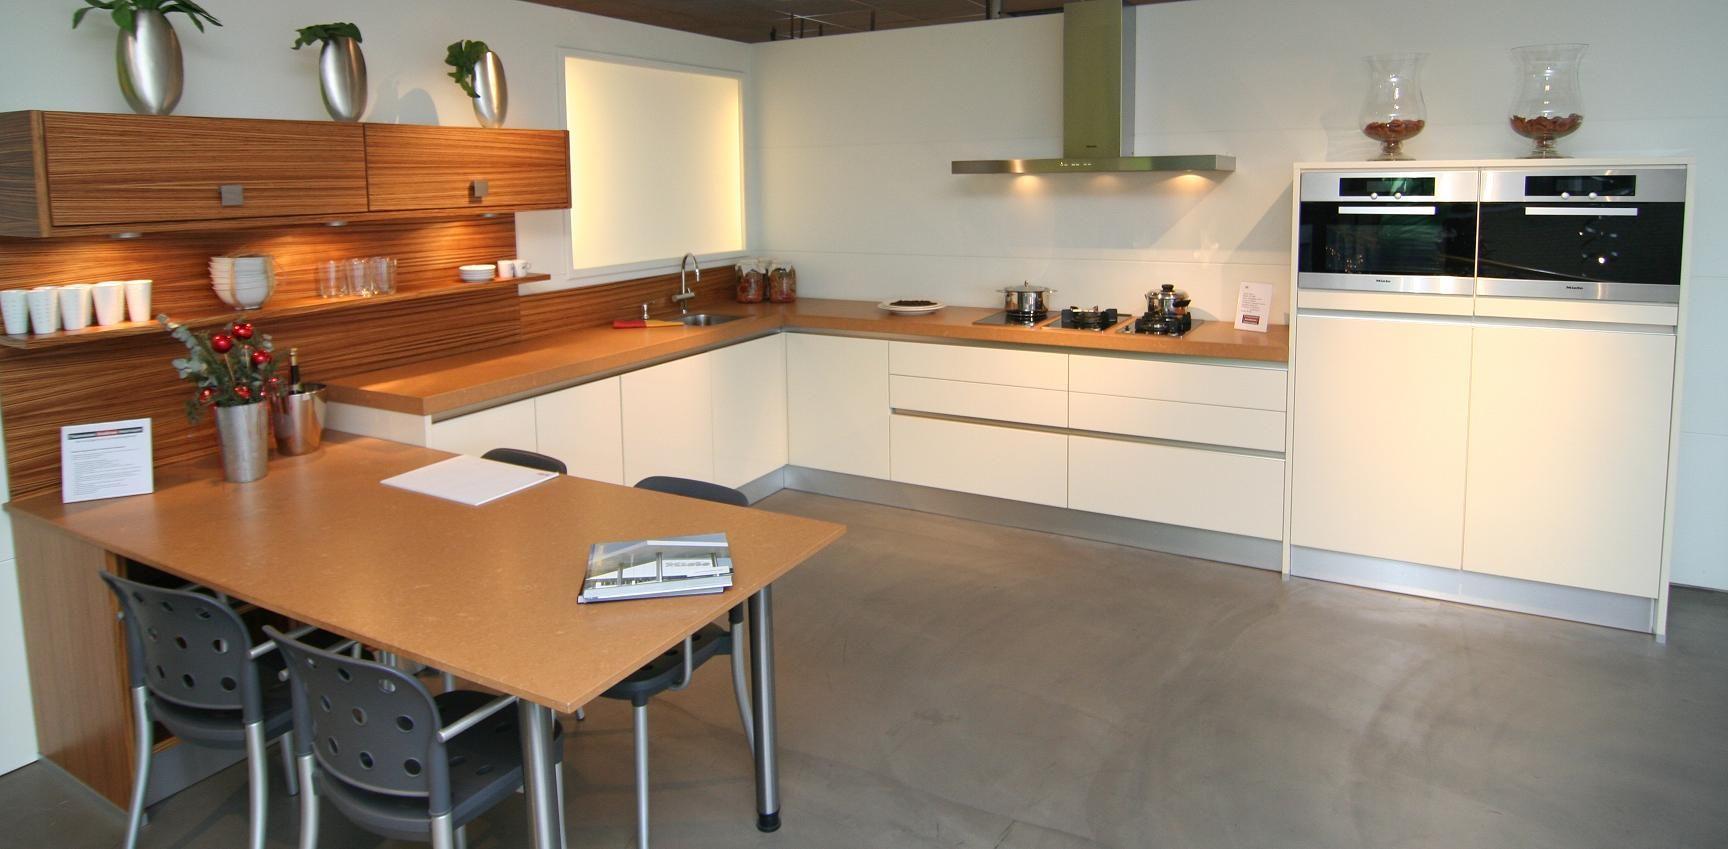 Creme Keuken : keukens voor zeer lage keuken prijzen Keller GL4000 creme [42807